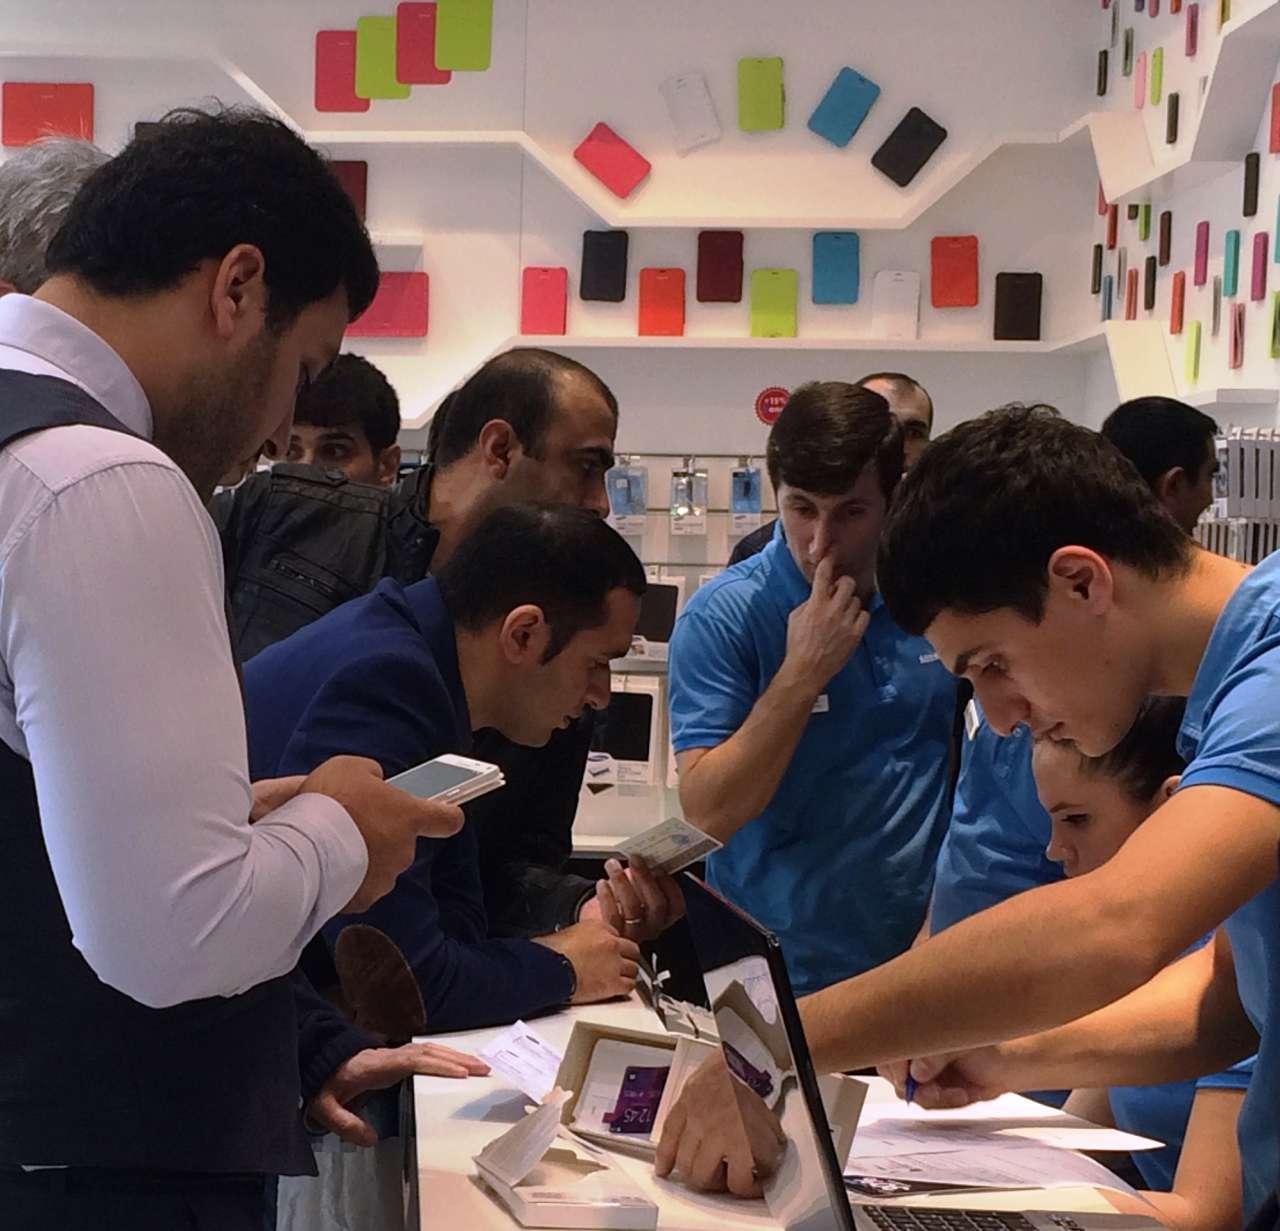 В магазинах SAMSUNG в Баку стартовали продажи GALAXY Note 4 и GALAXY Alpha